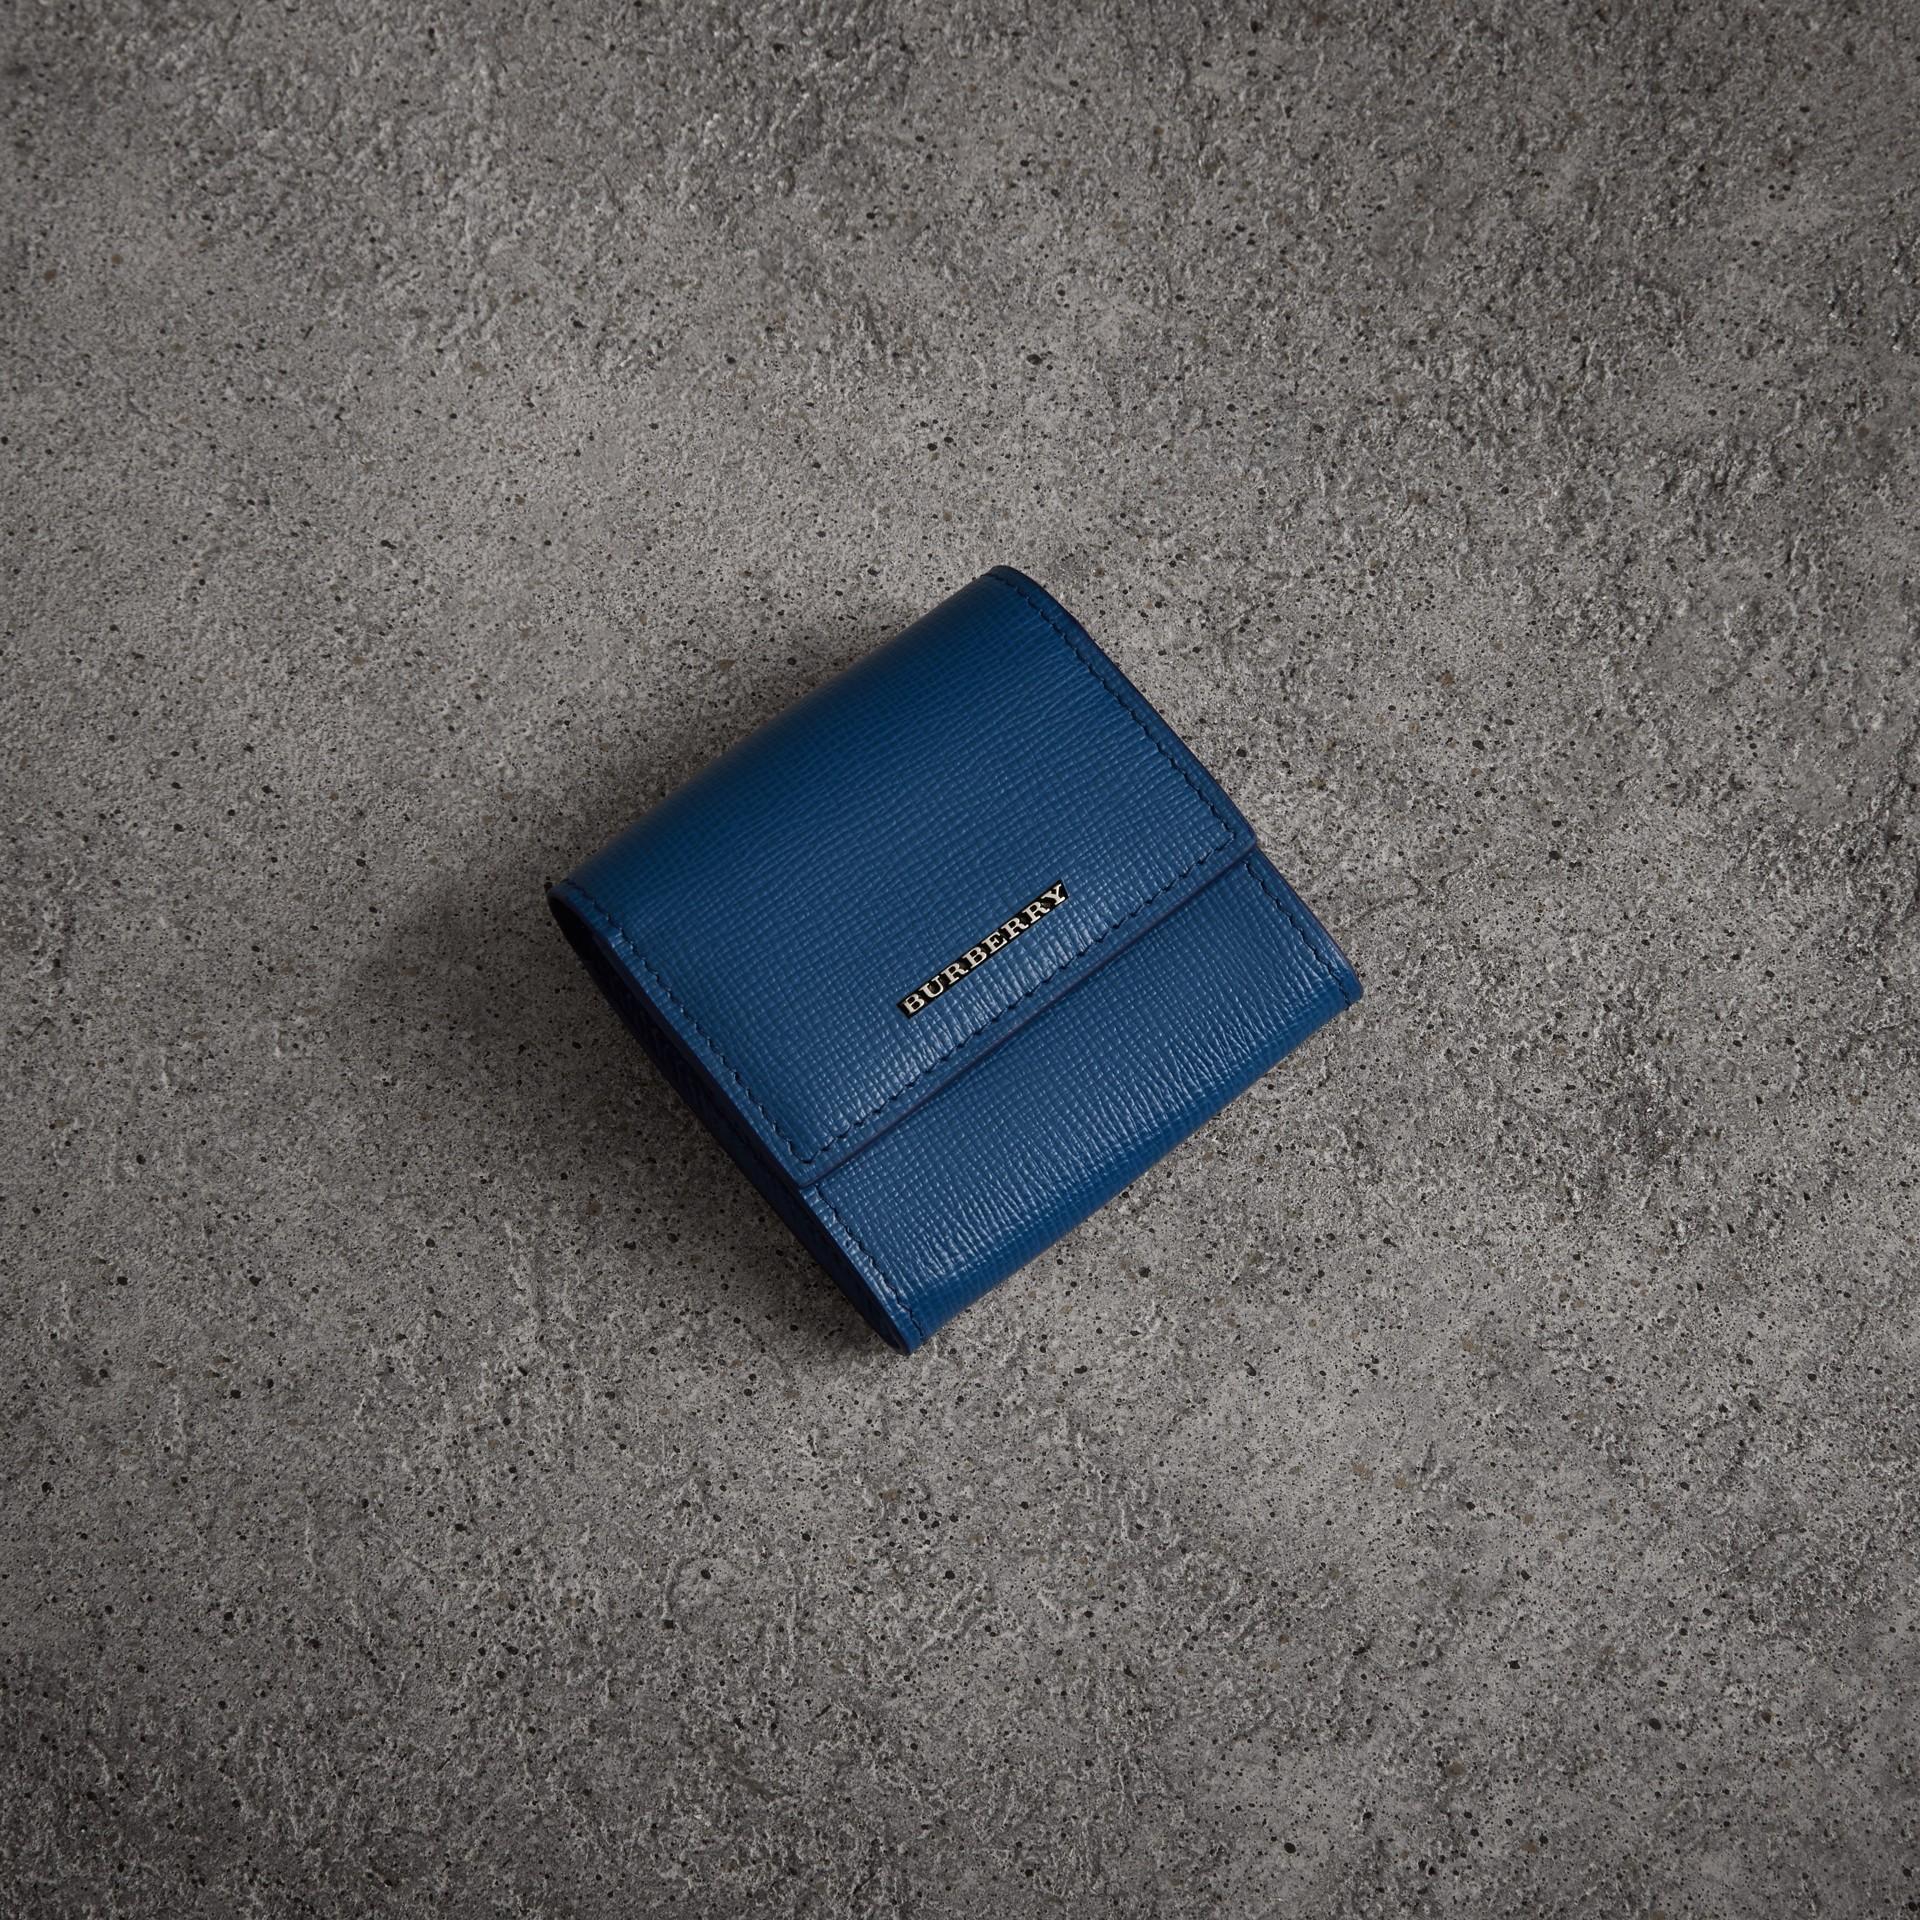 ロンドンレザー コインケース (ディープブルー) - メンズ | バーバリー - ギャラリーイメージ 0